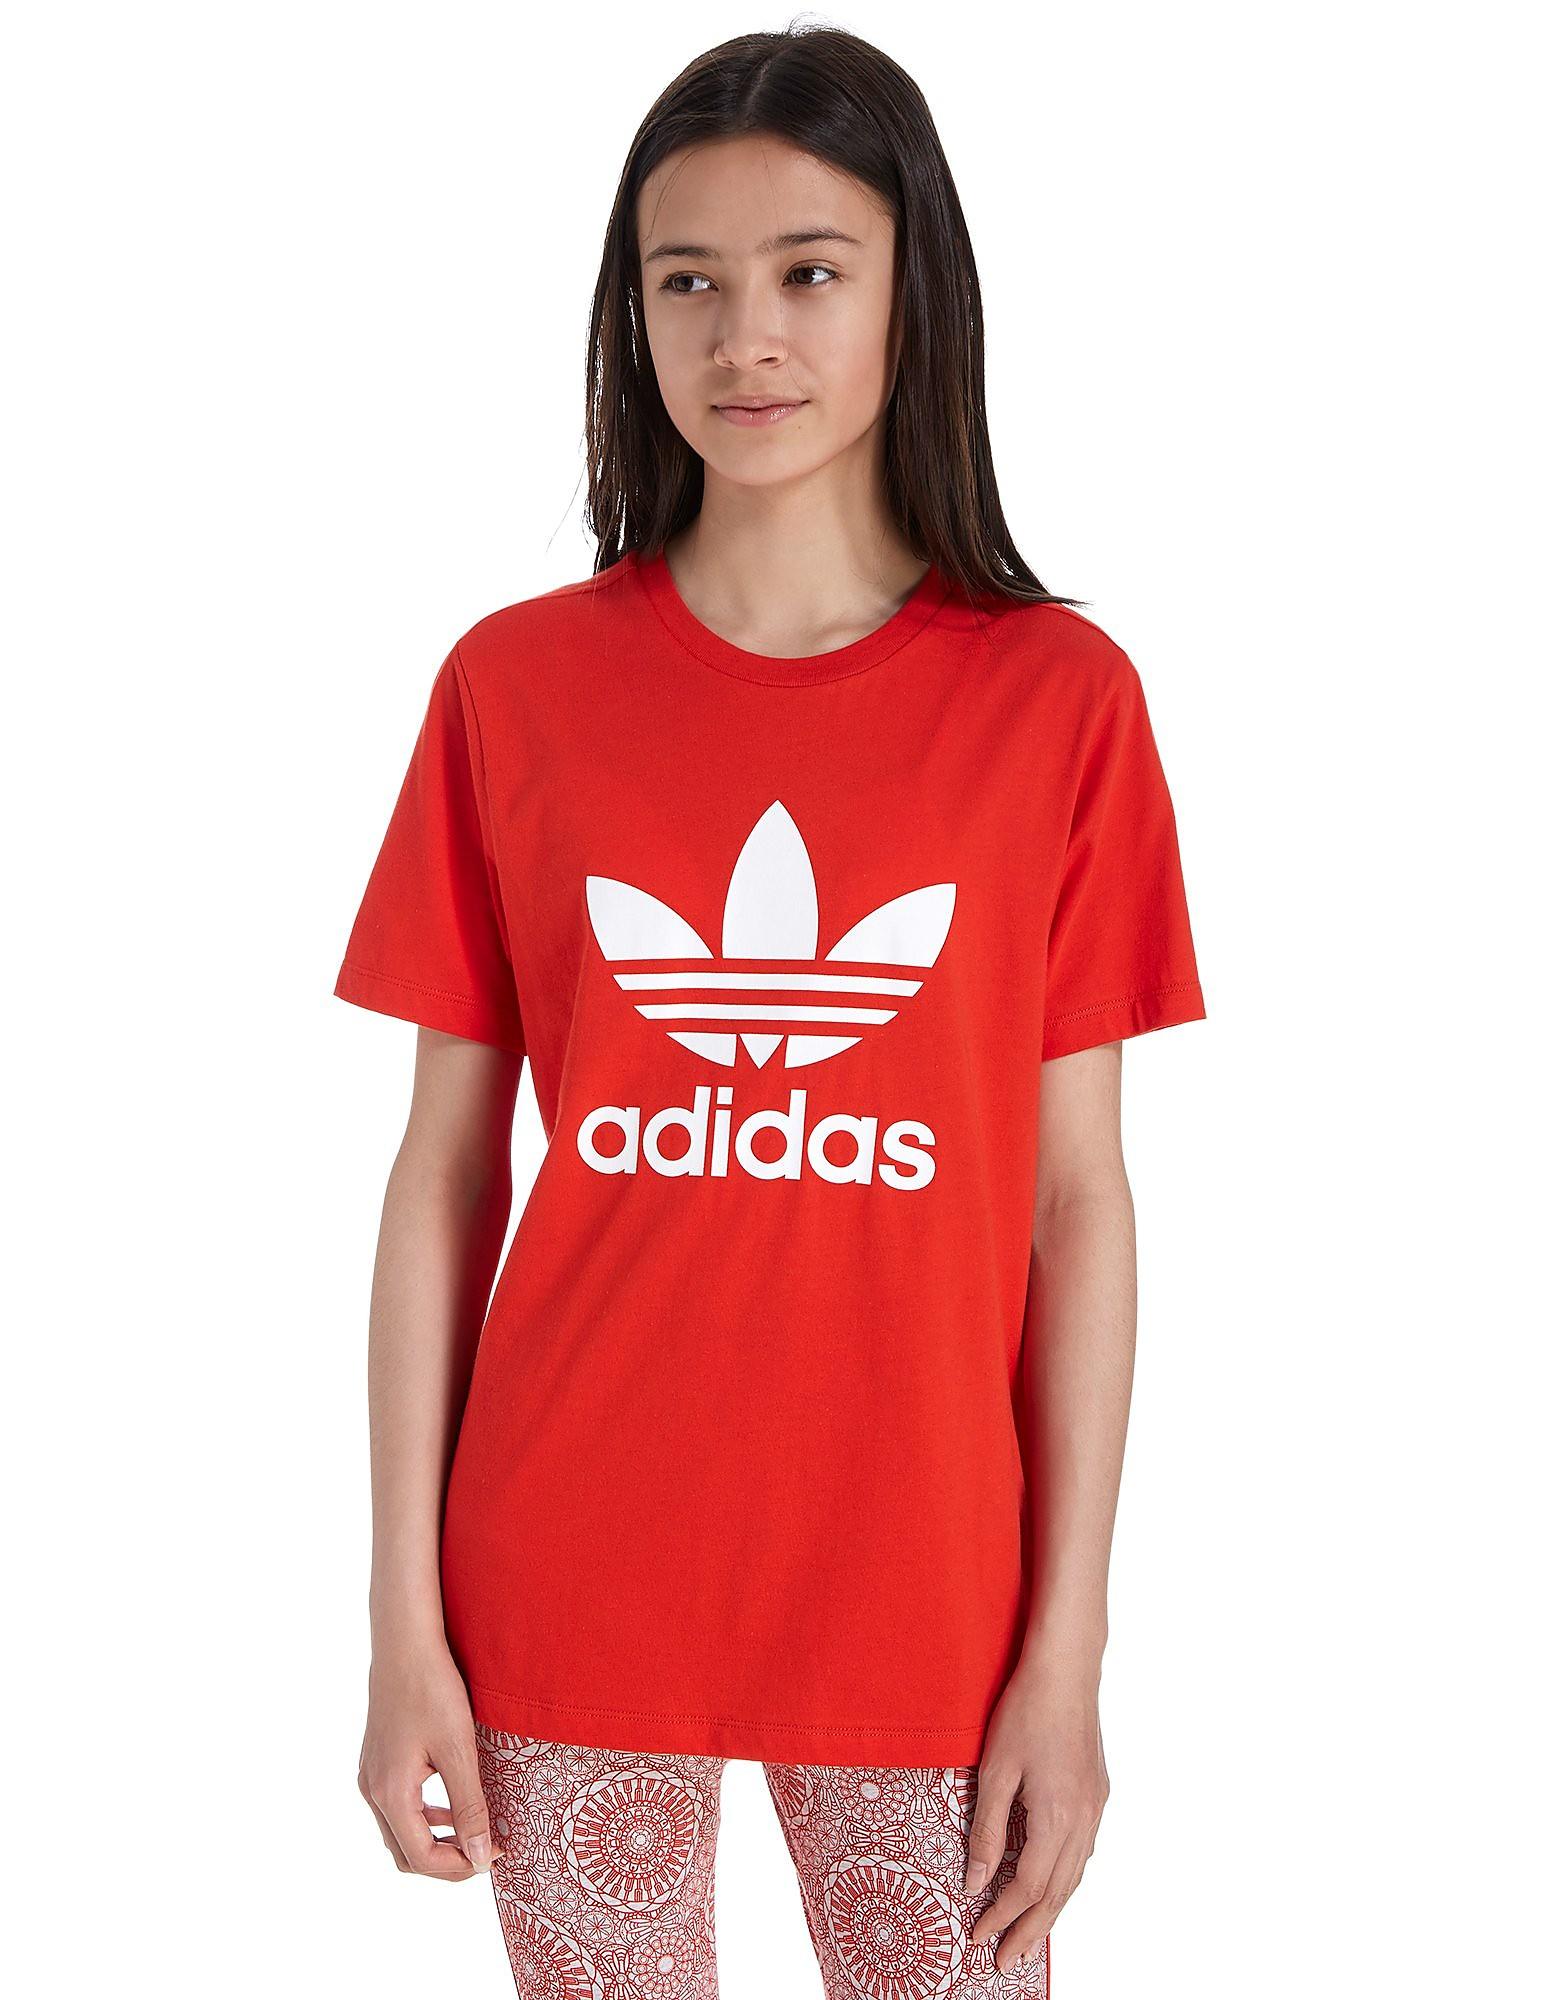 adidas Originals Girls' Trefoil Boyfriend T-Shirt Junior